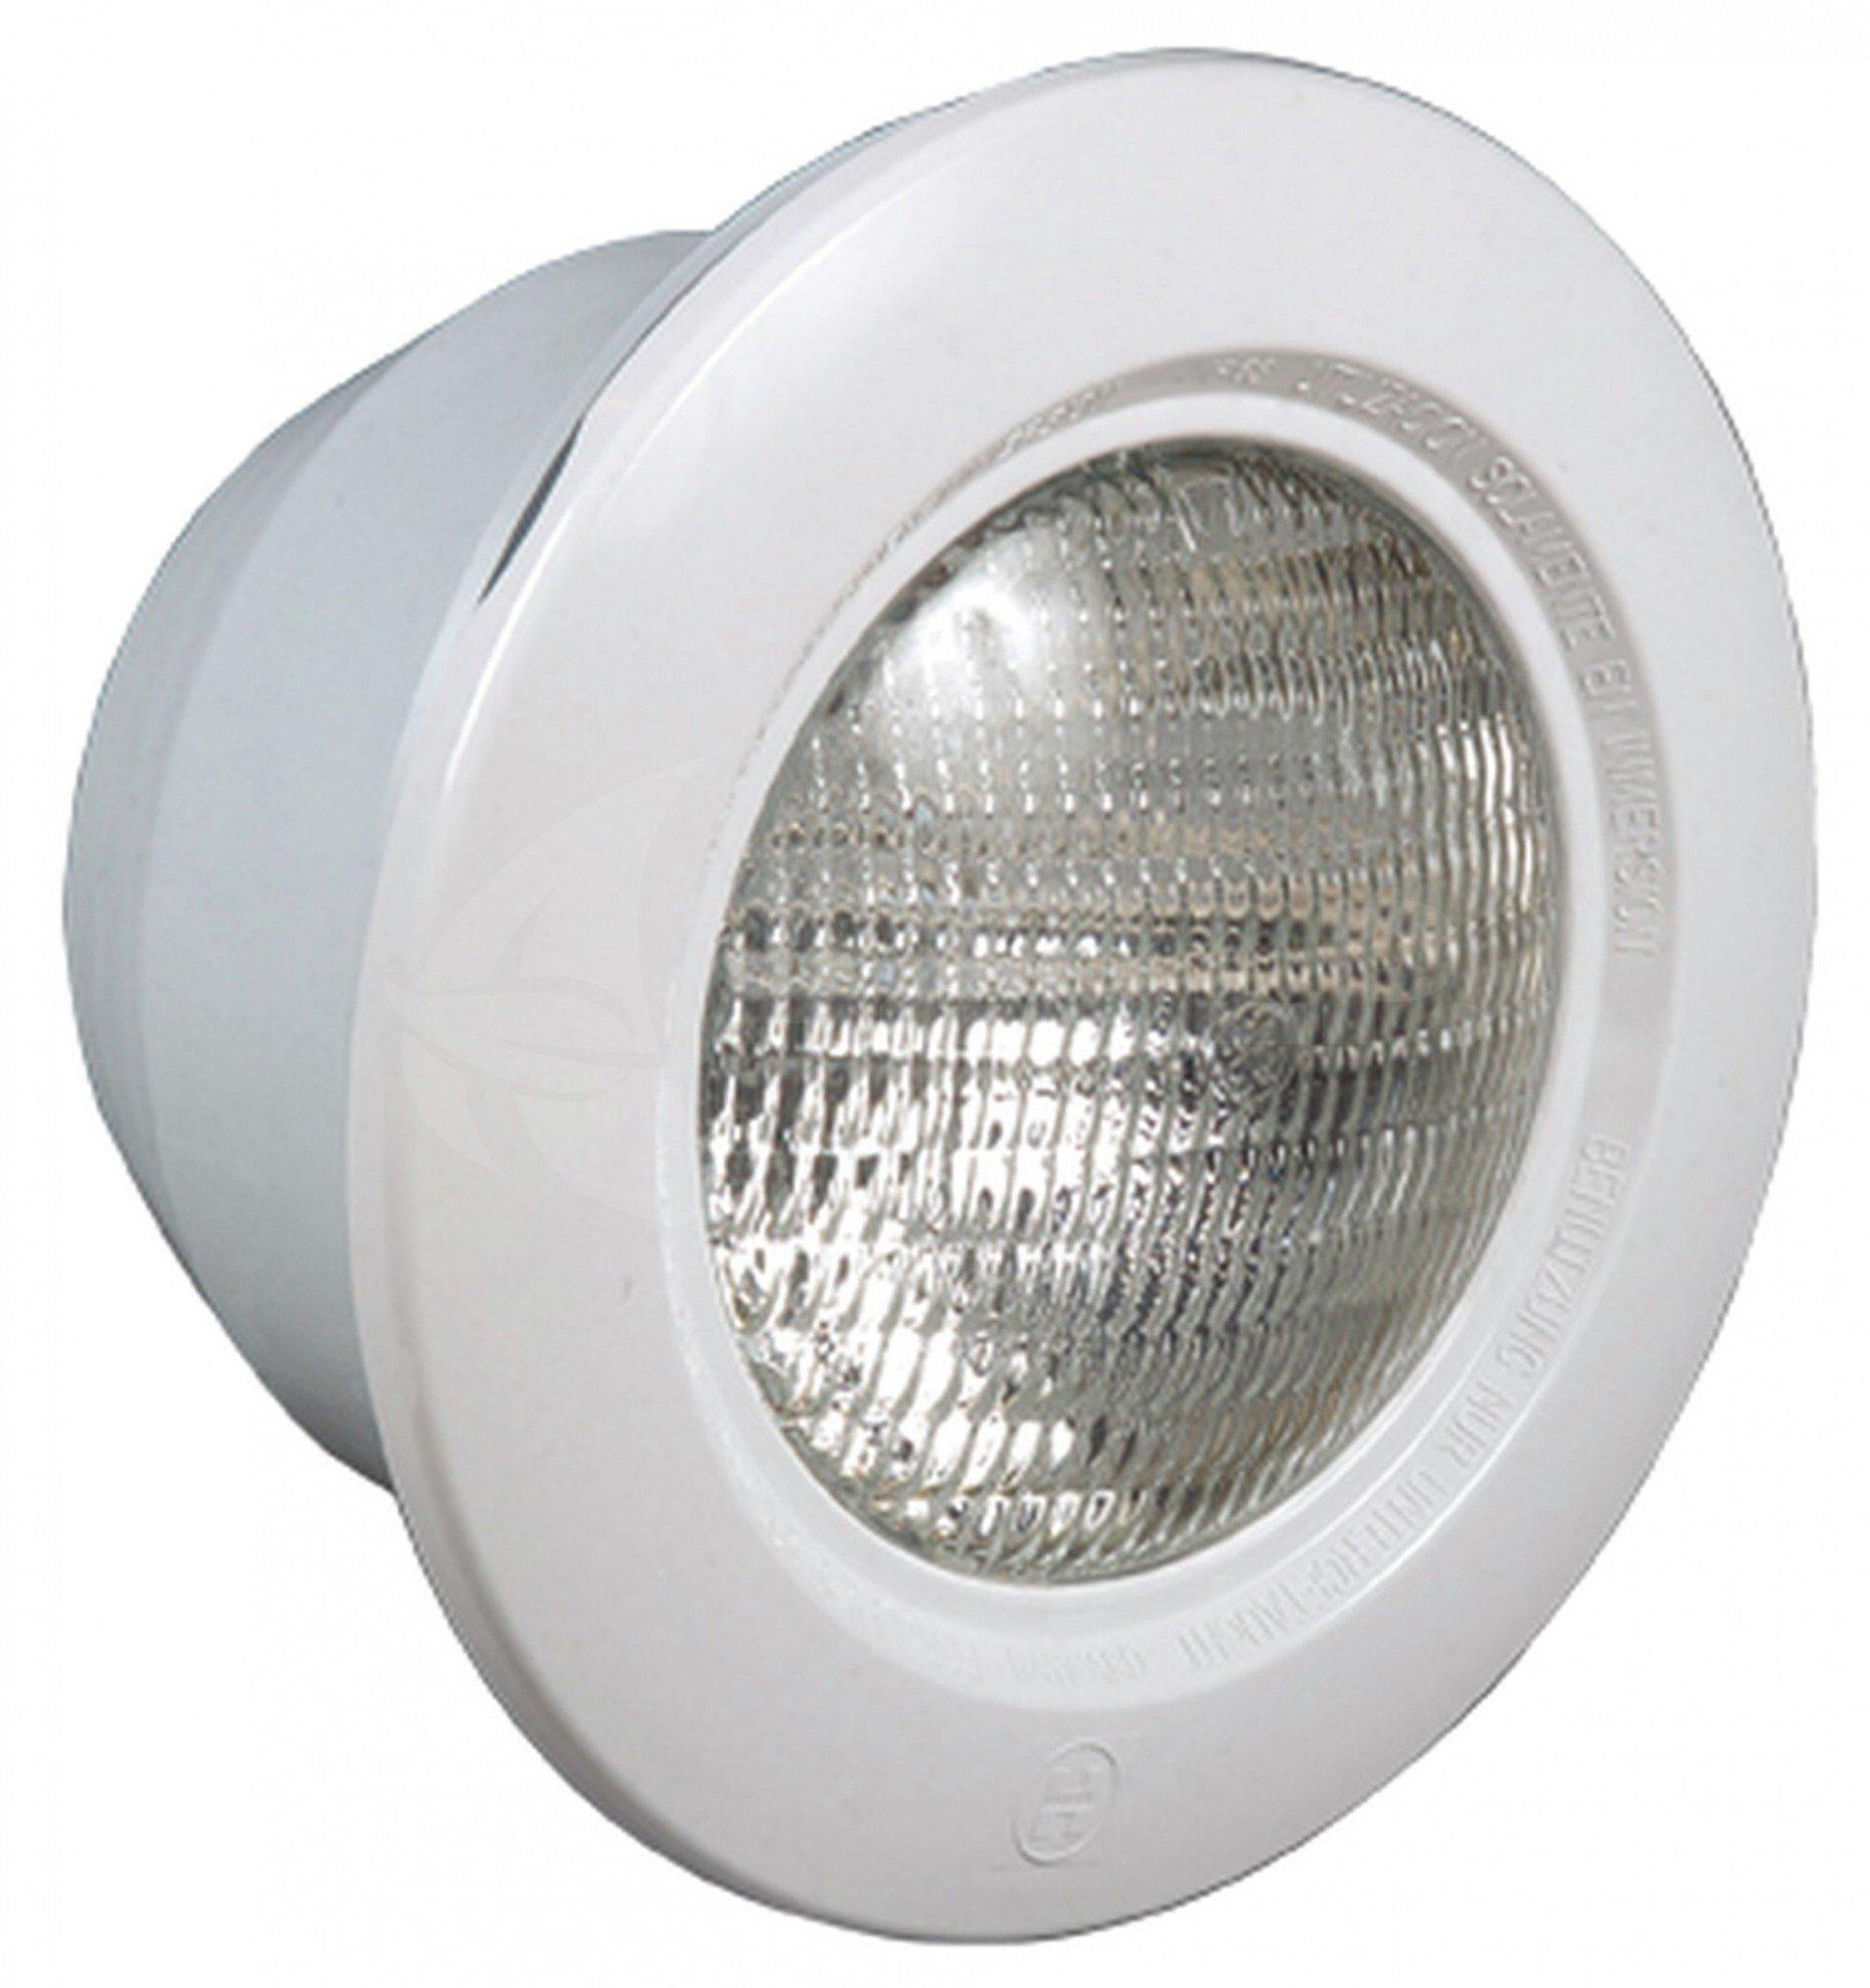 Afbeelding van Hayward Design zwembadlamp 300w